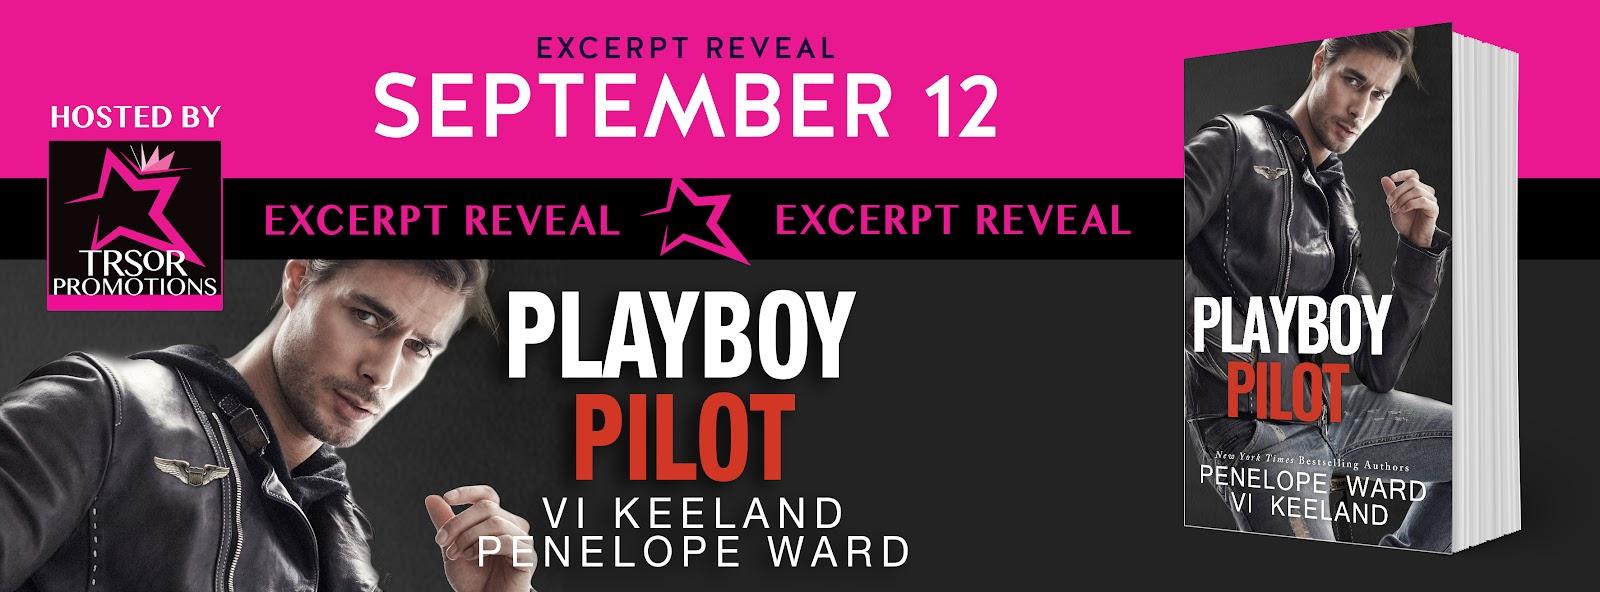 PLAYBOY_PILOT_EXCERPT.jpg